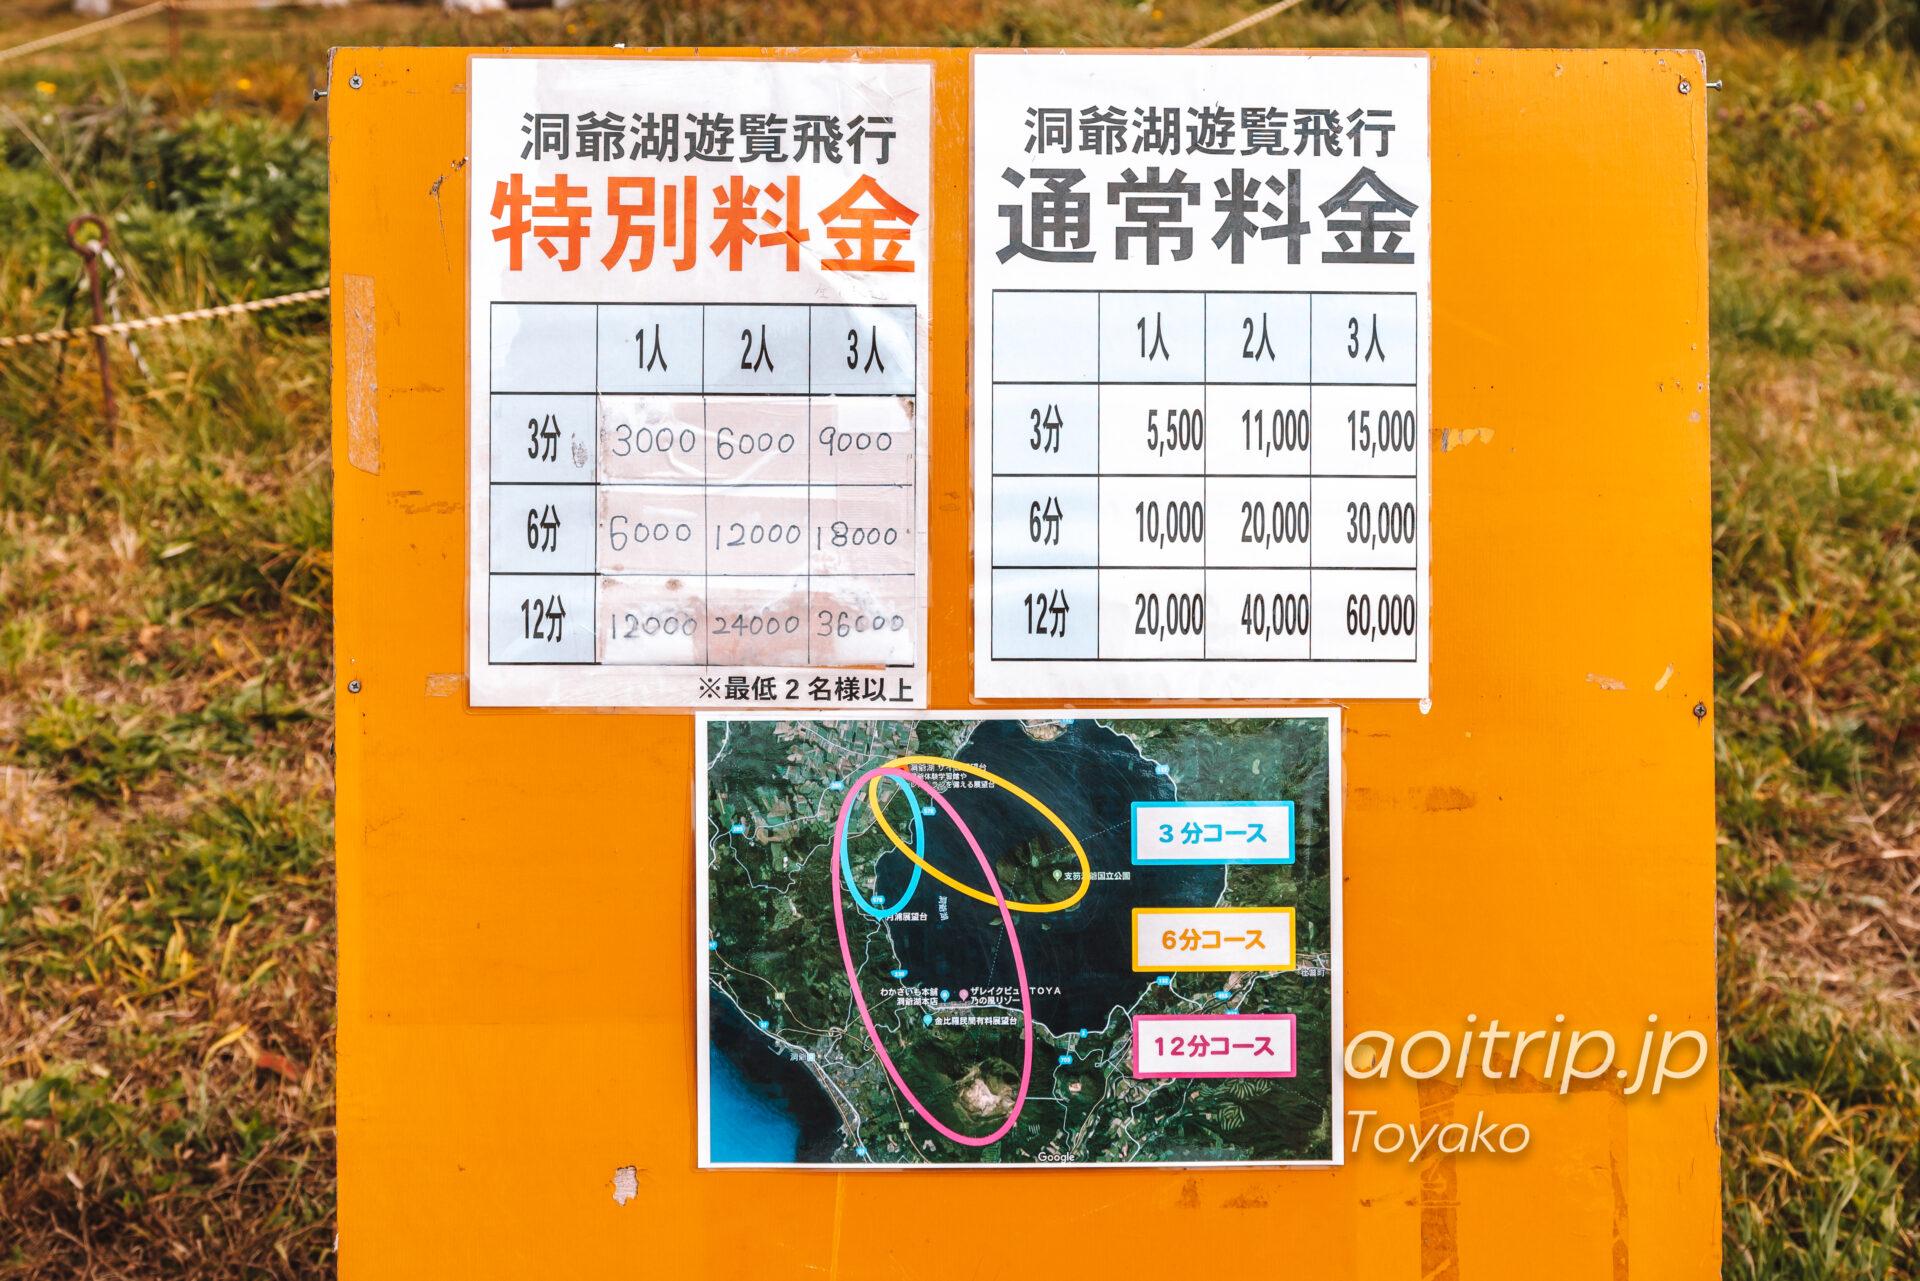 洞爺湖ヘリコプター遊覧飛行の料金表